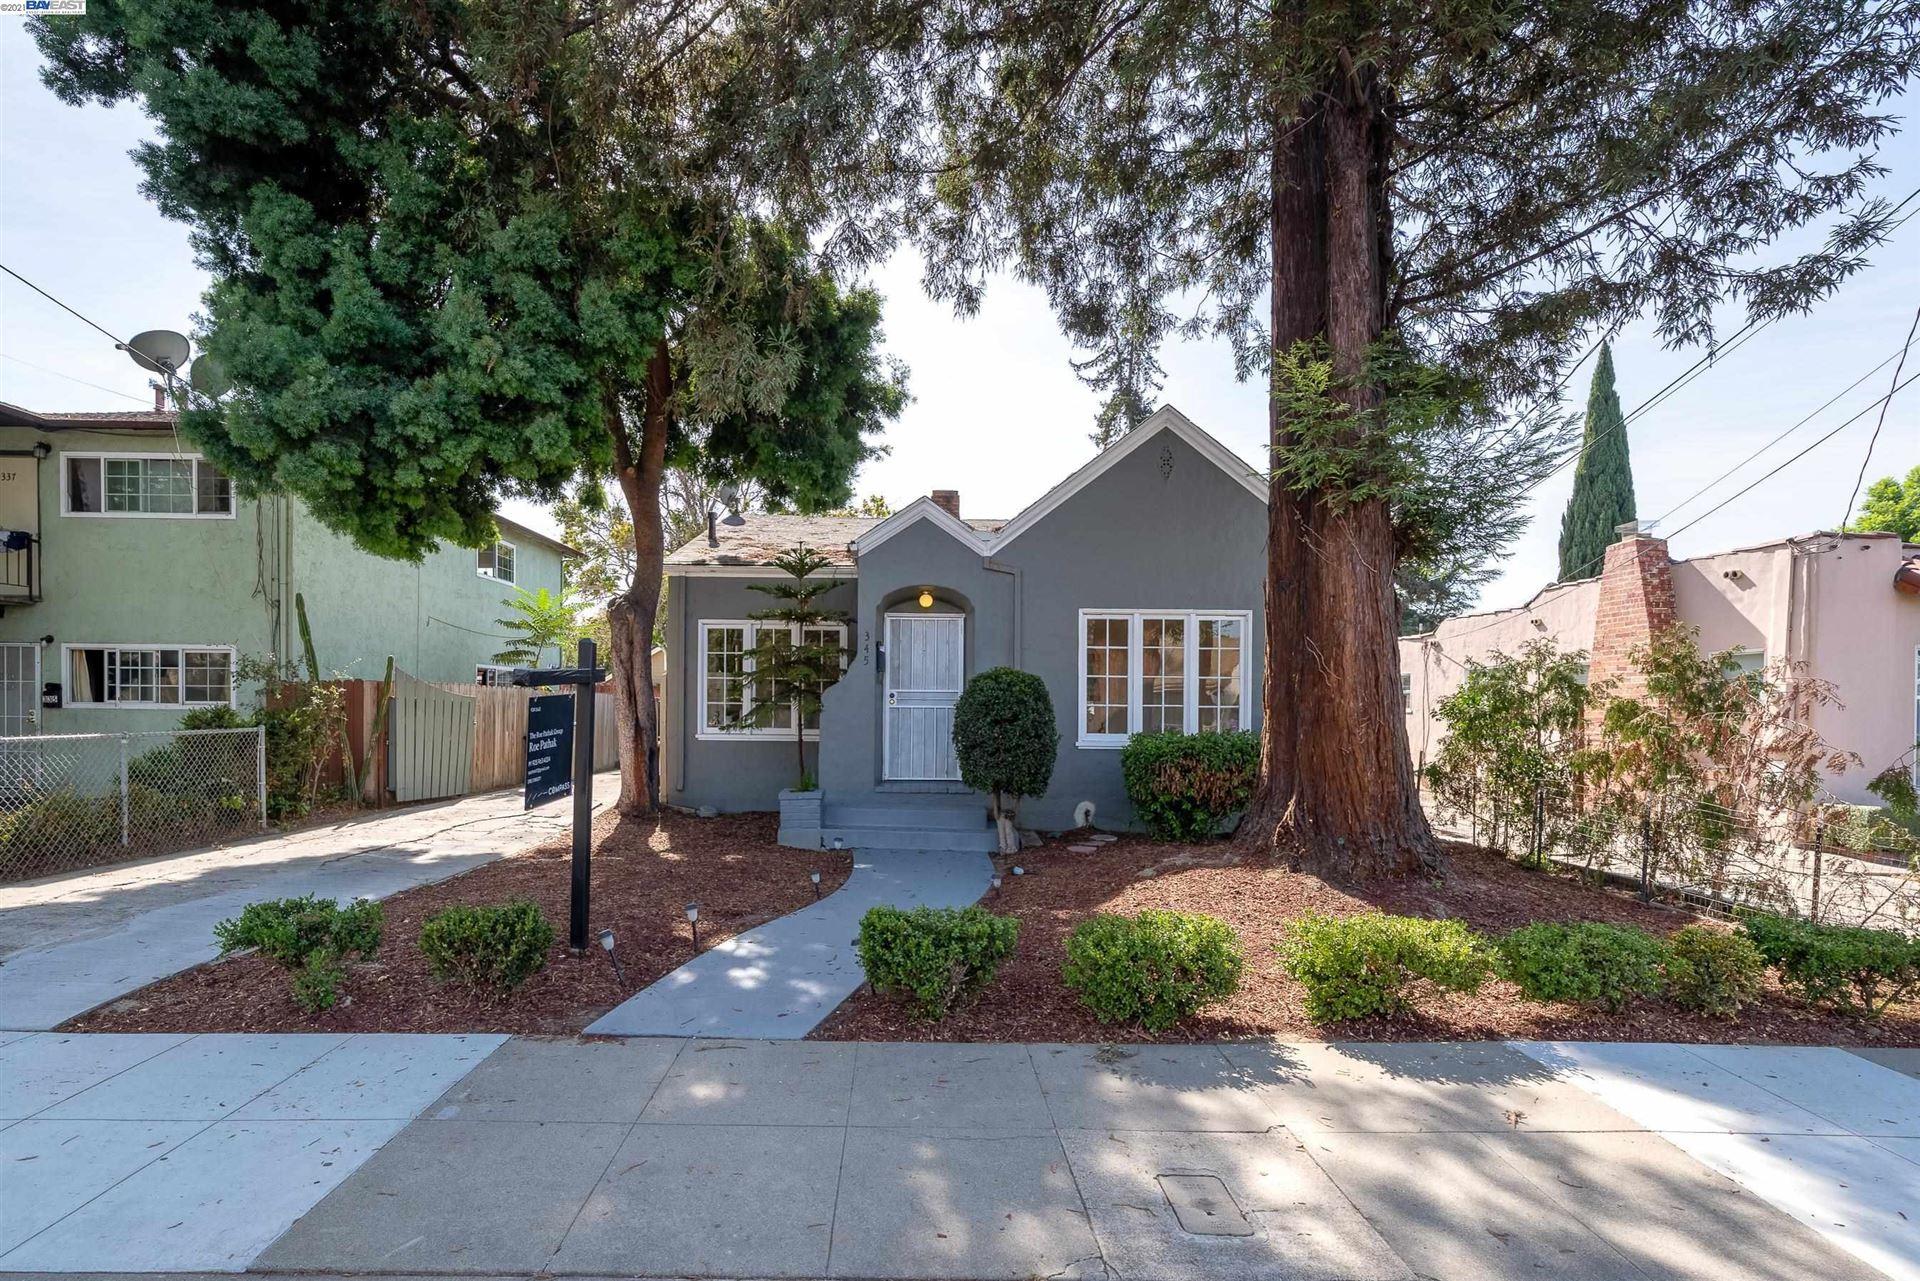 345 N 18Th St, San Jose, CA 95112 - MLS#: 40969049